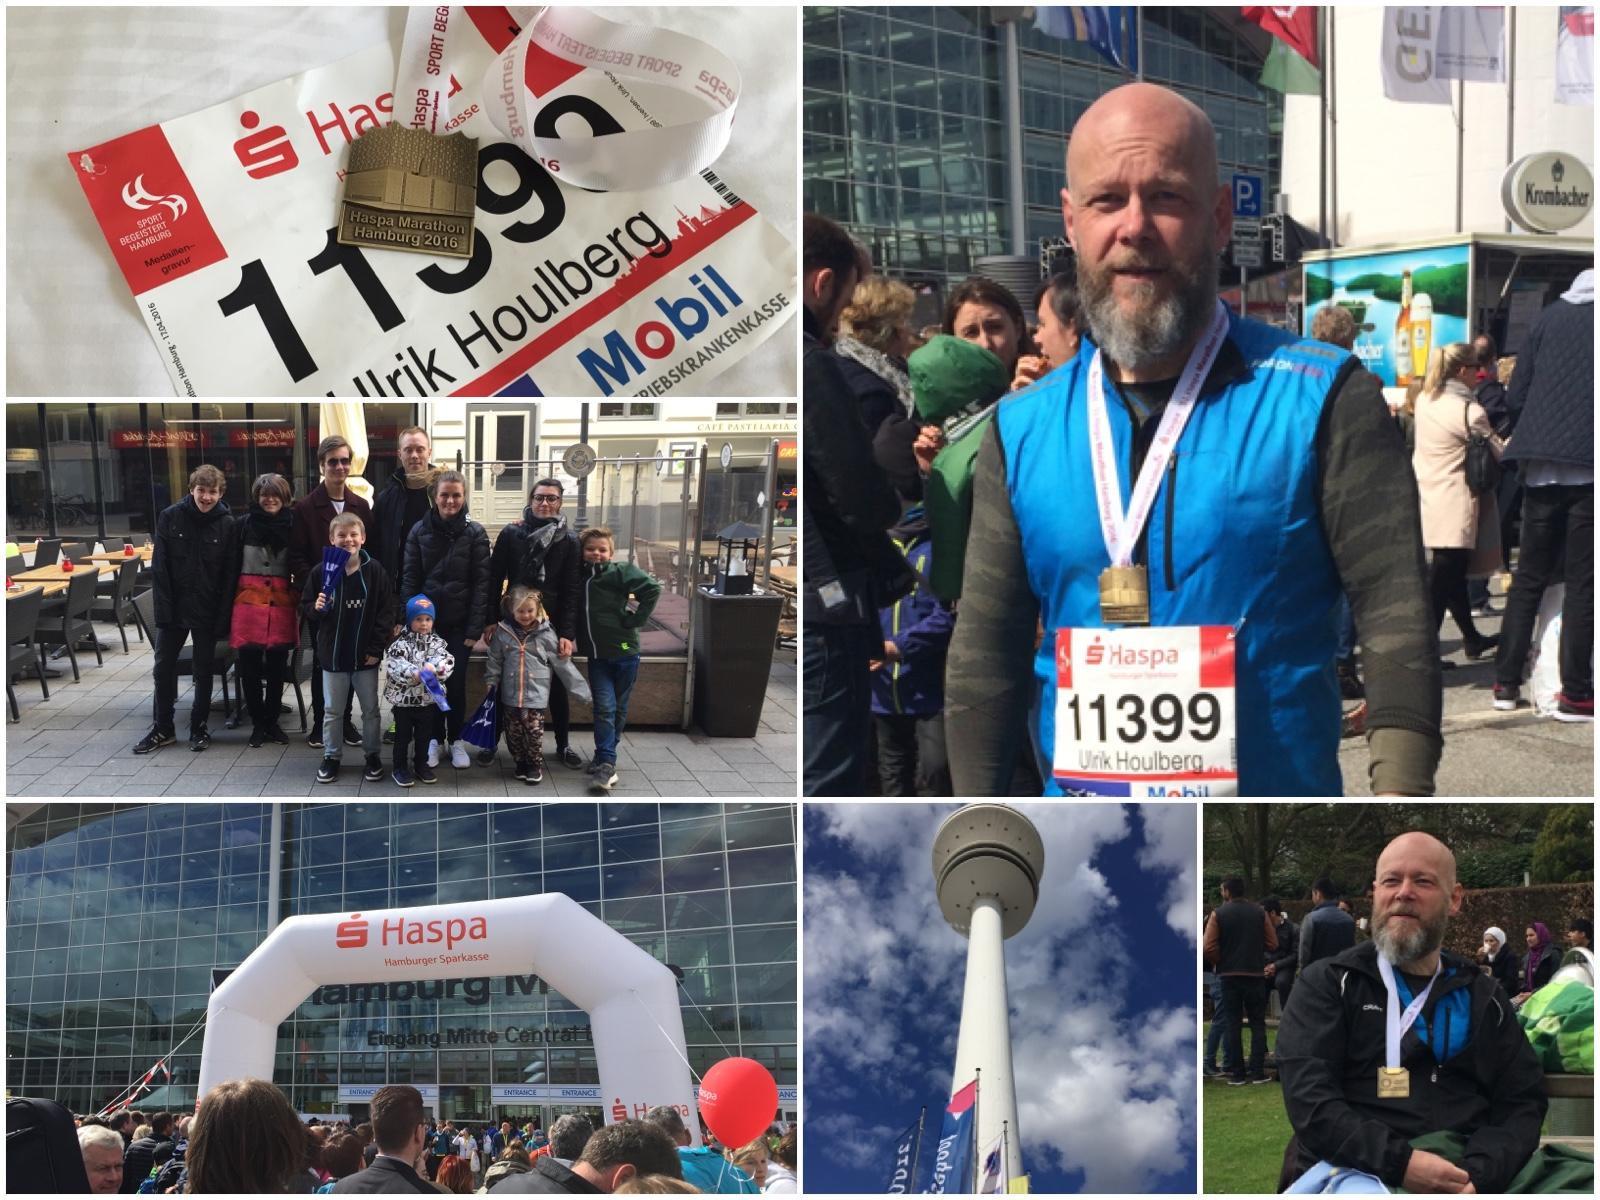 31. Haspa Hamburg Marathon 2016